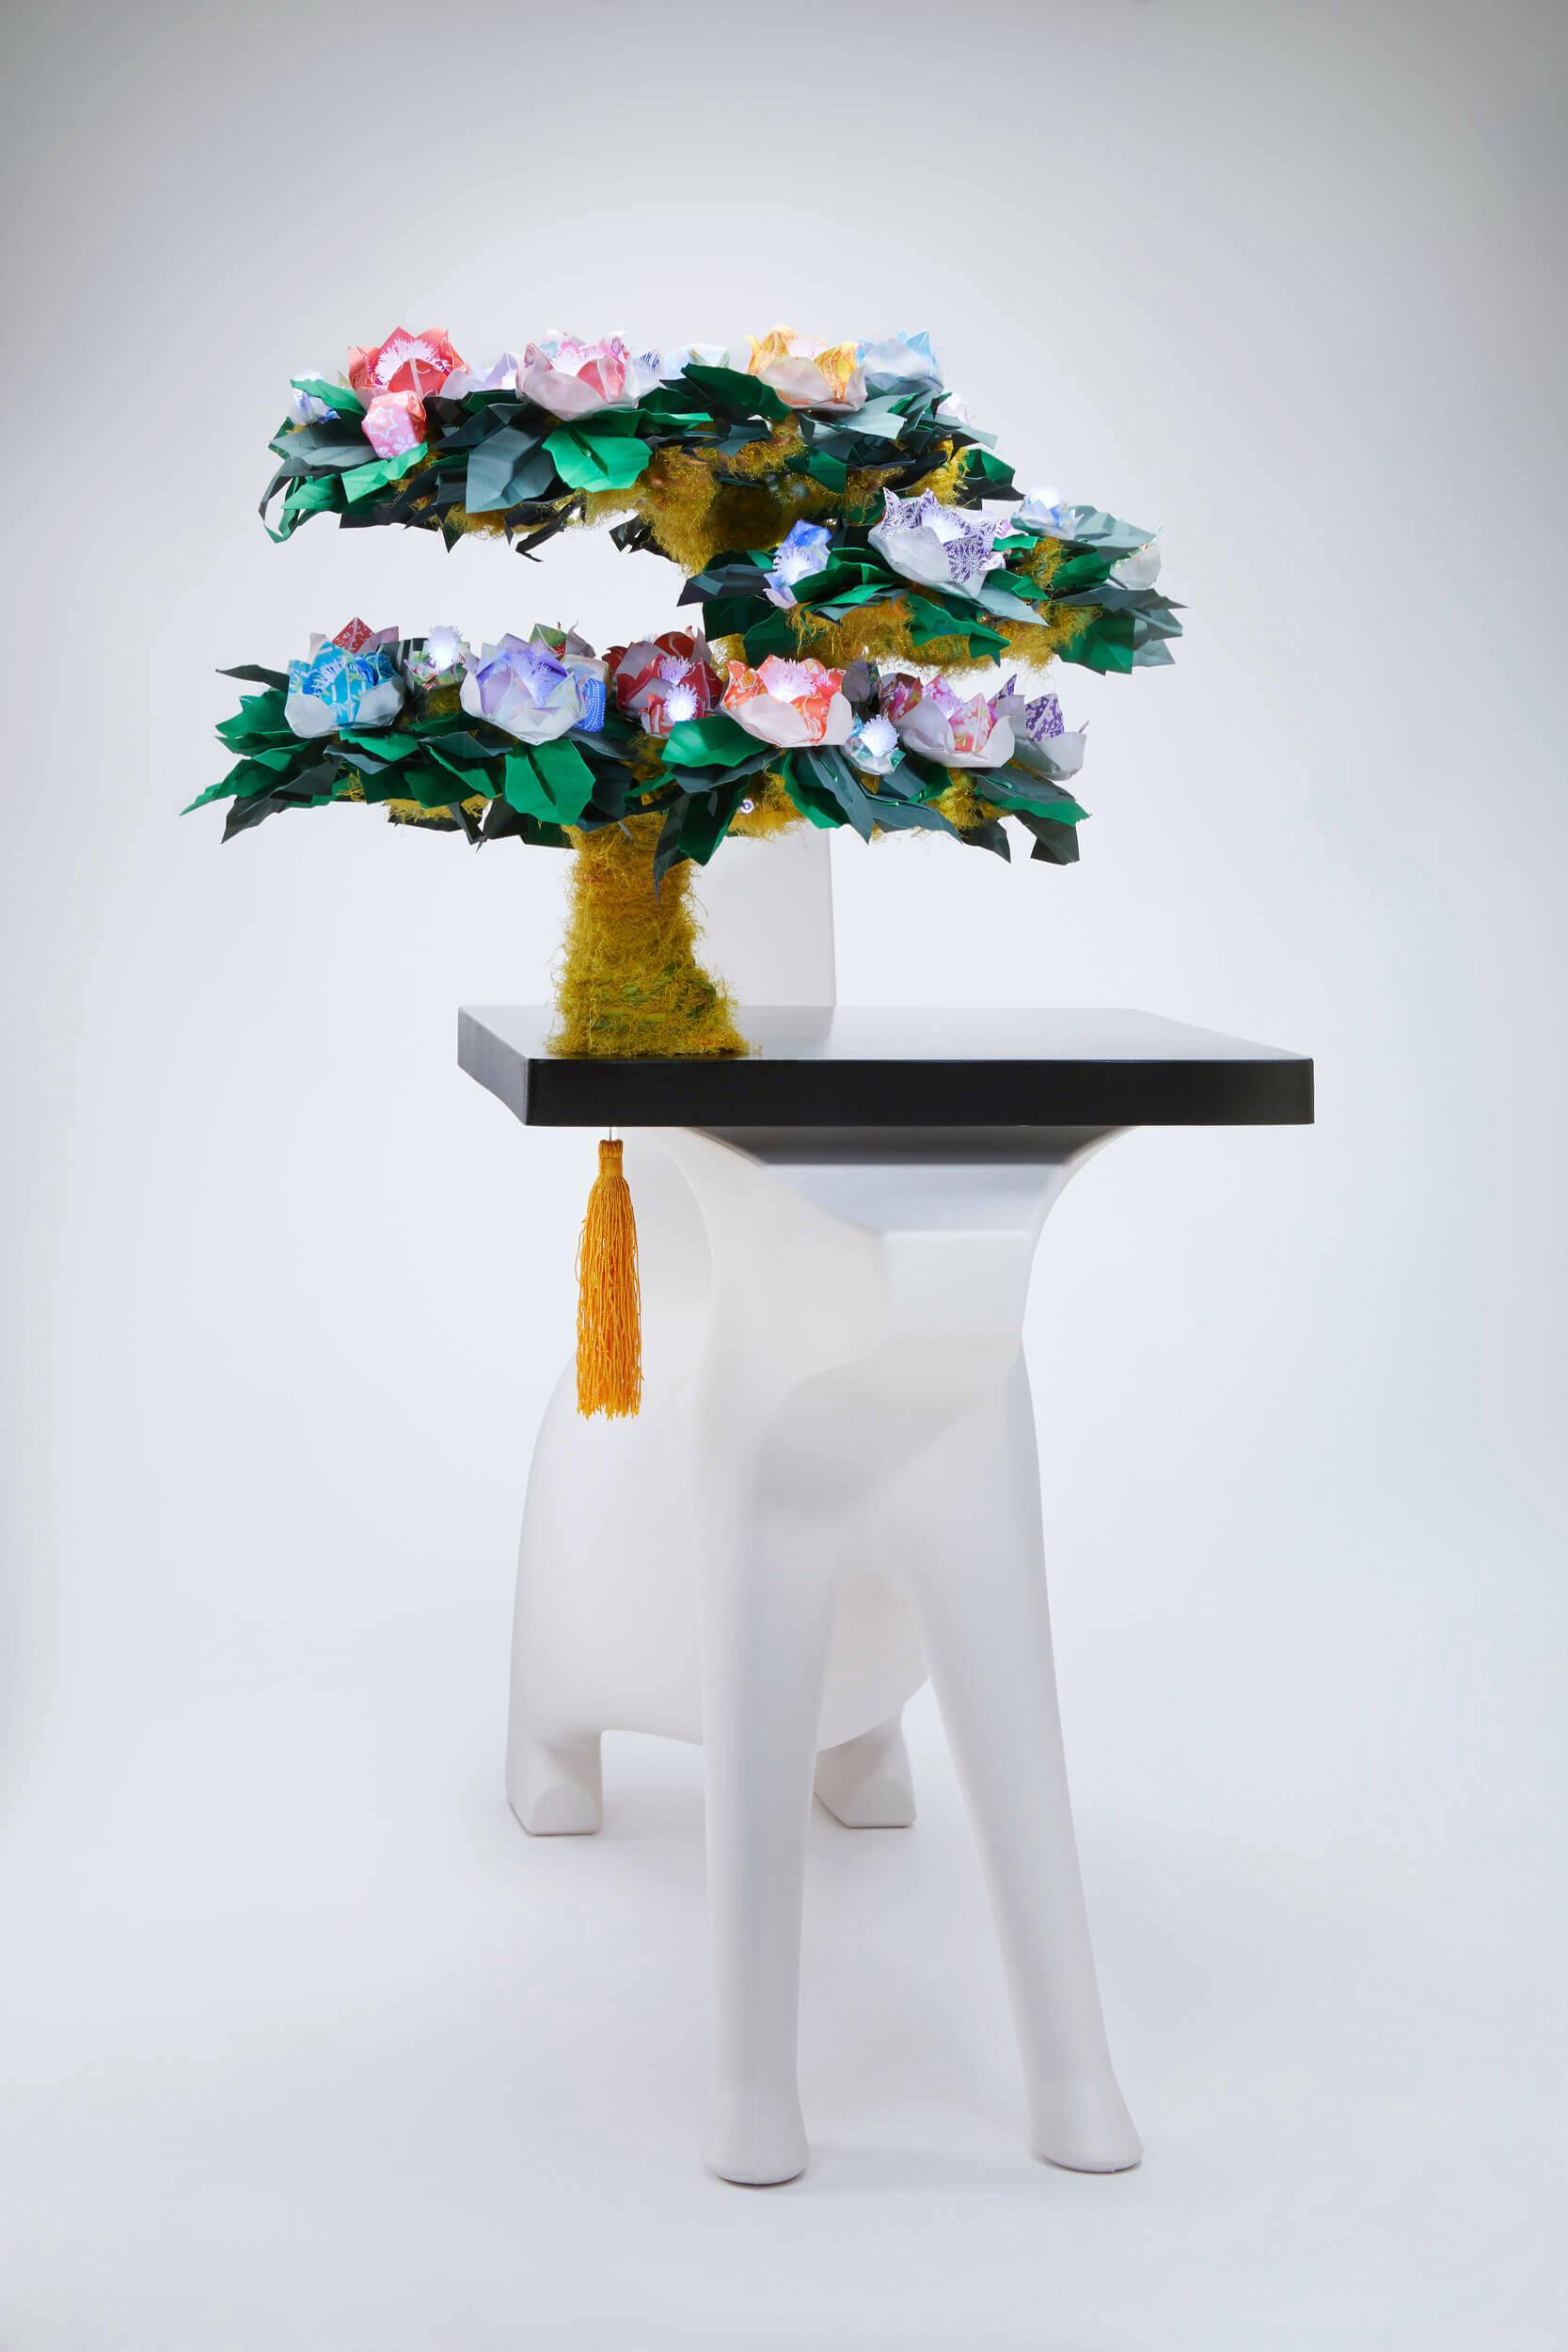 Magis-Magical tree-of-imagination-origami-LED-lamp-kid-furniture.jpg